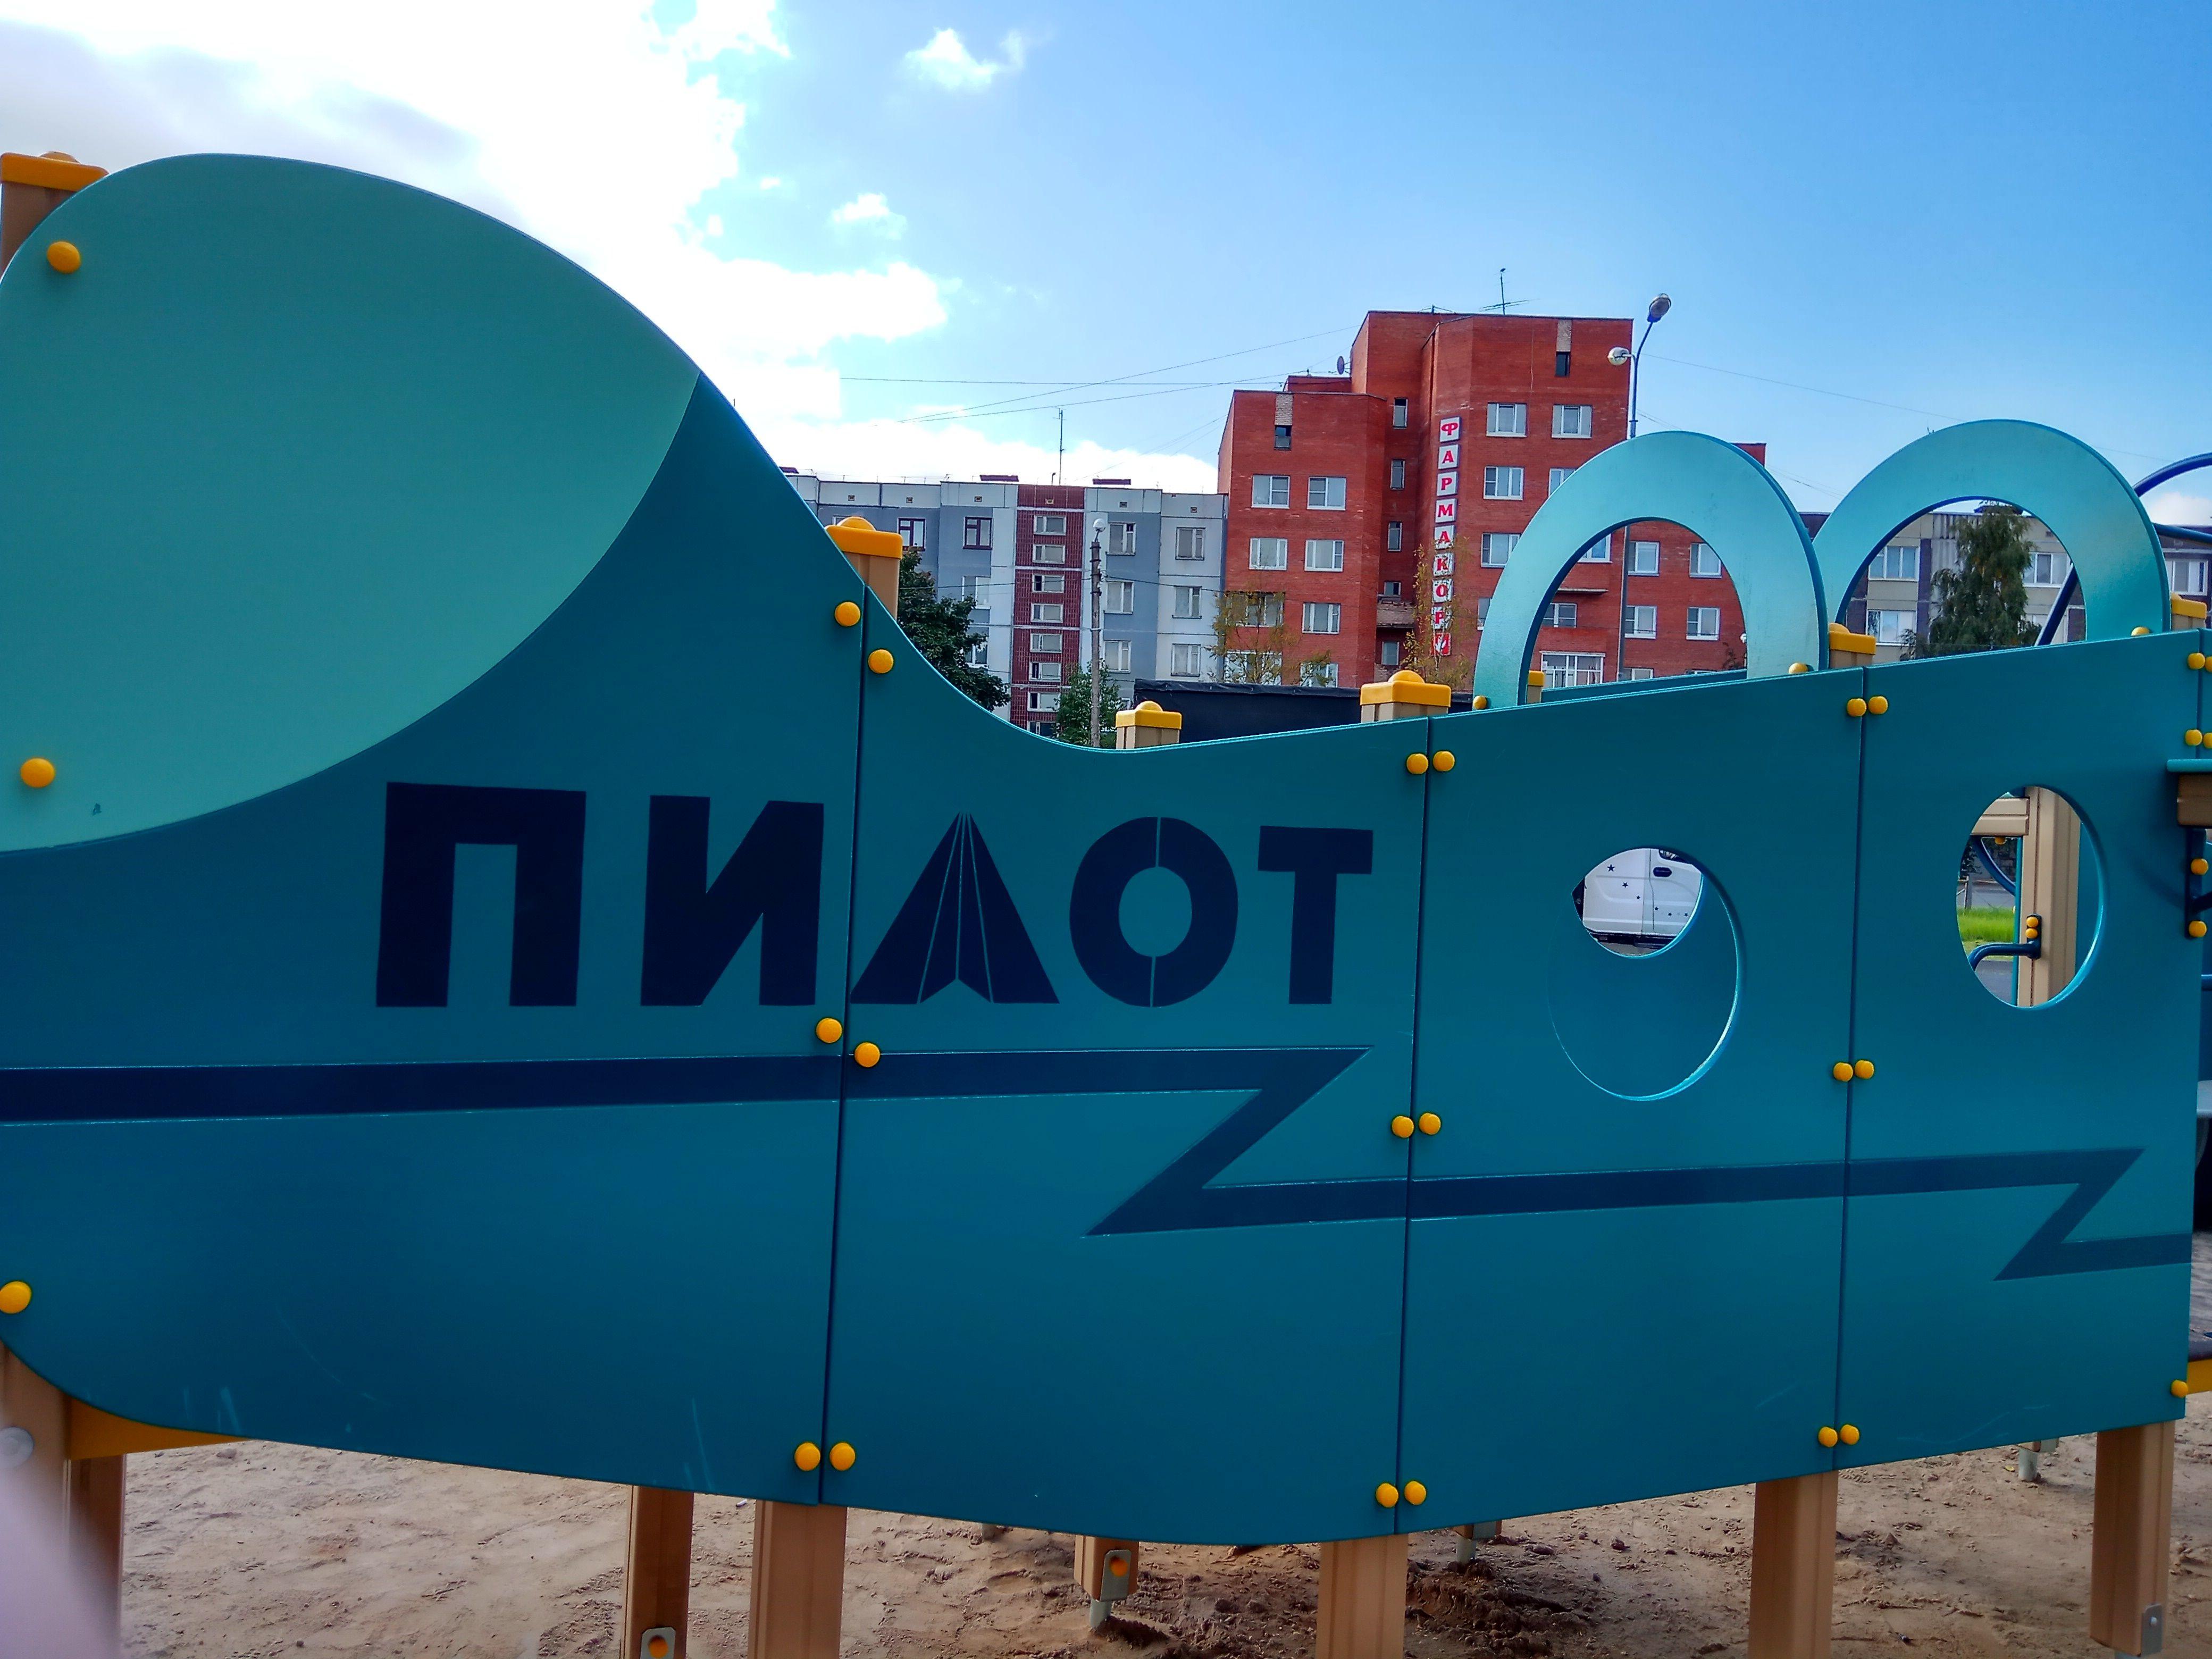 Детские площадки, дизайн, оформление, проектирование, интерьерное оформление, реклама, логотип, ТК